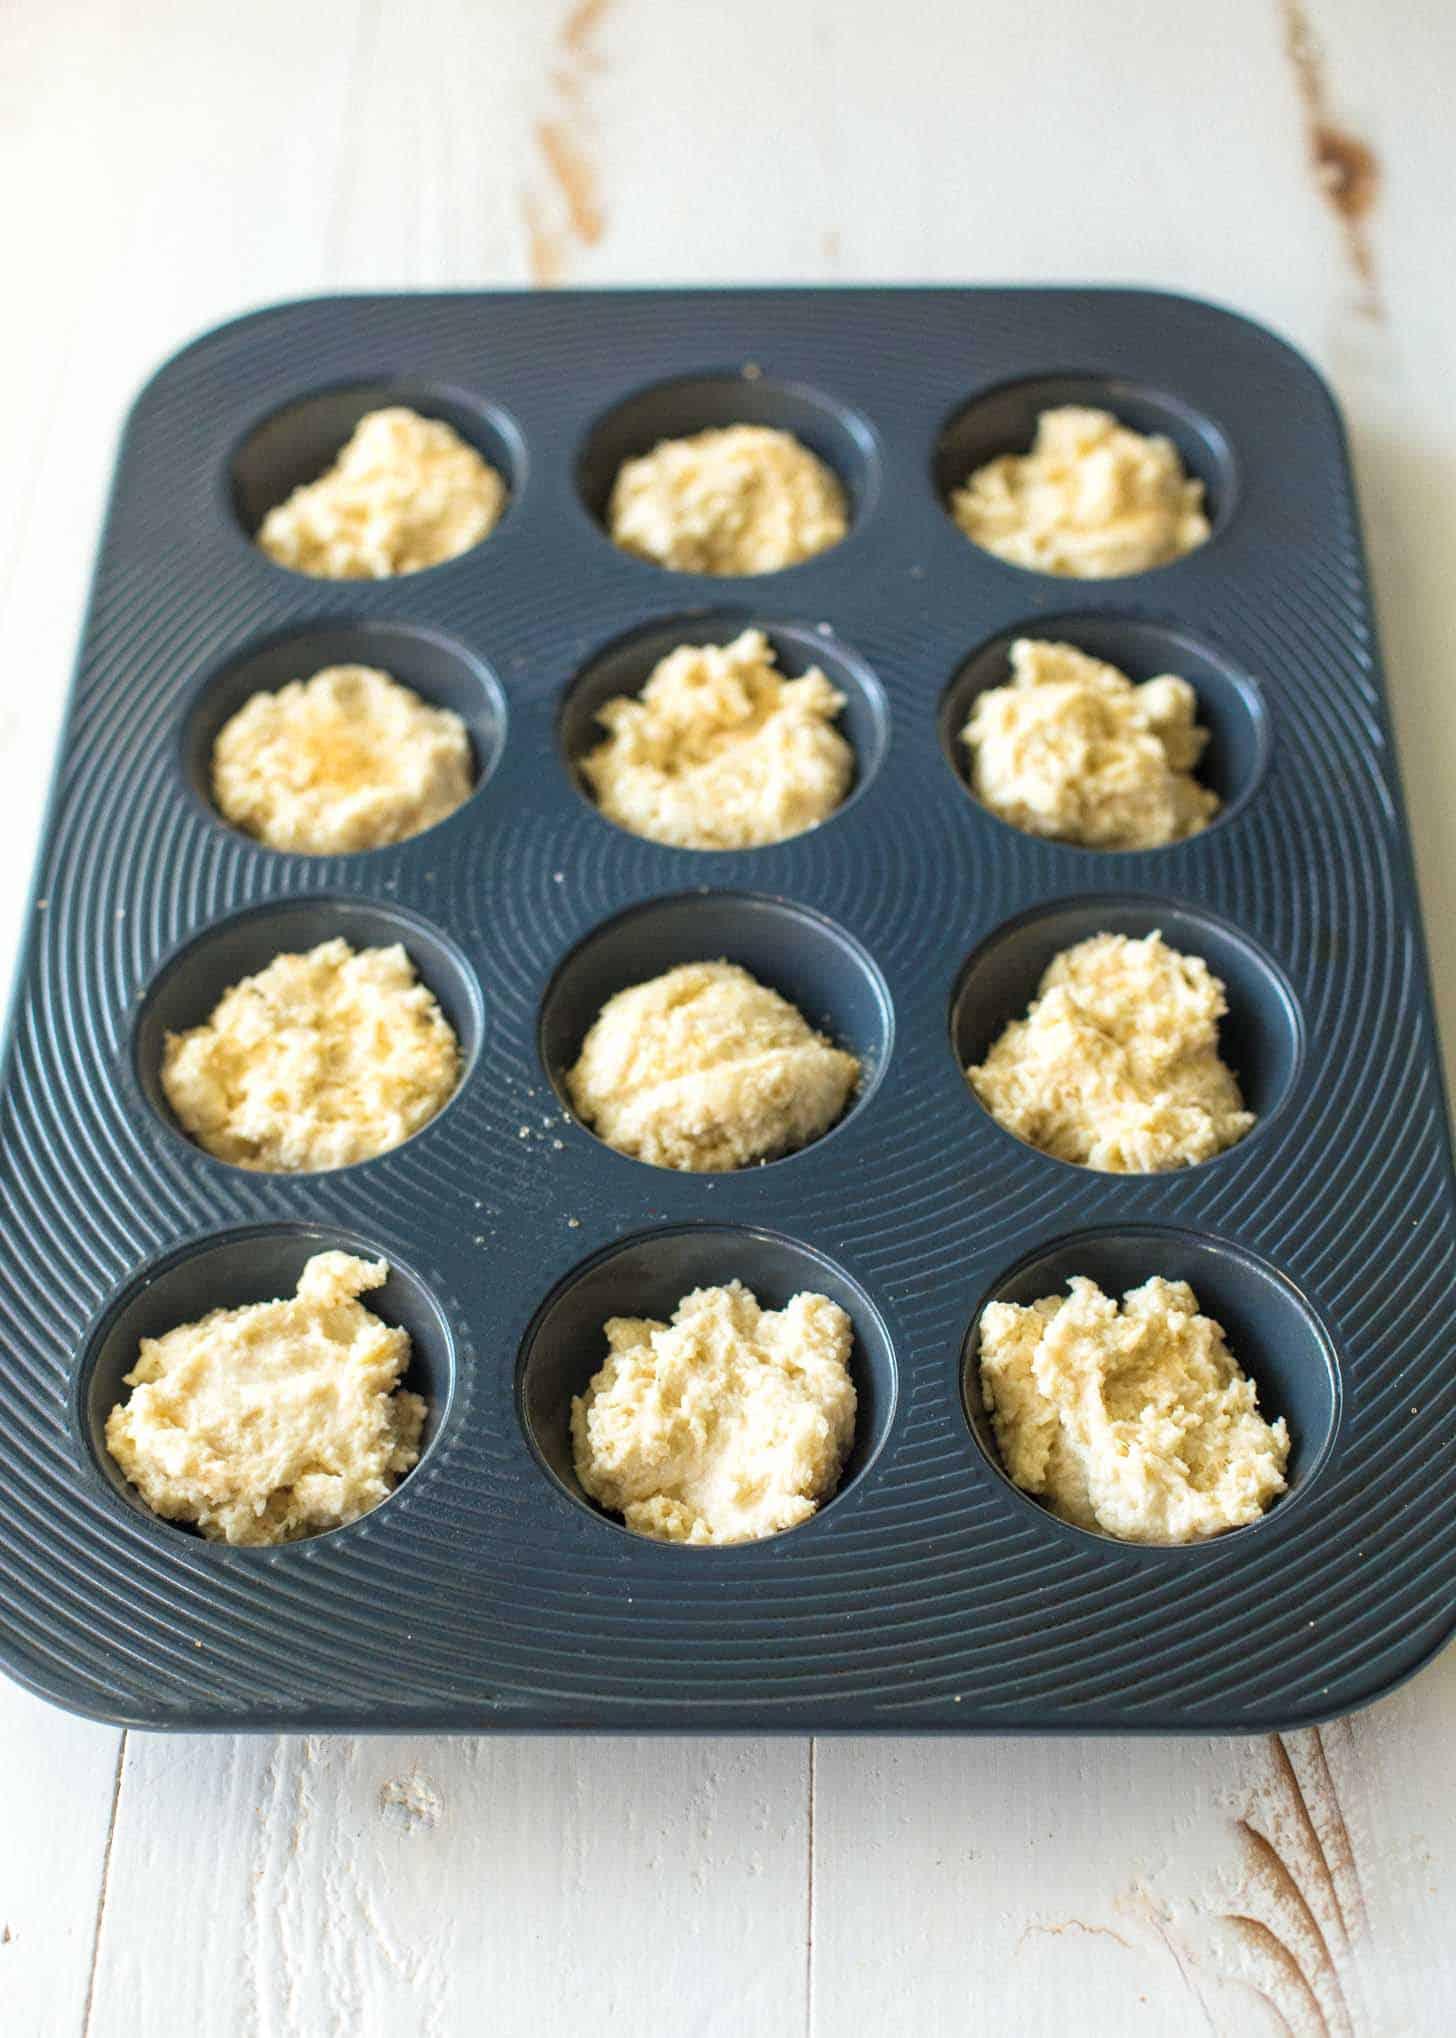 Muffin Pan Strawberry Shortcake batter in a muffin pan